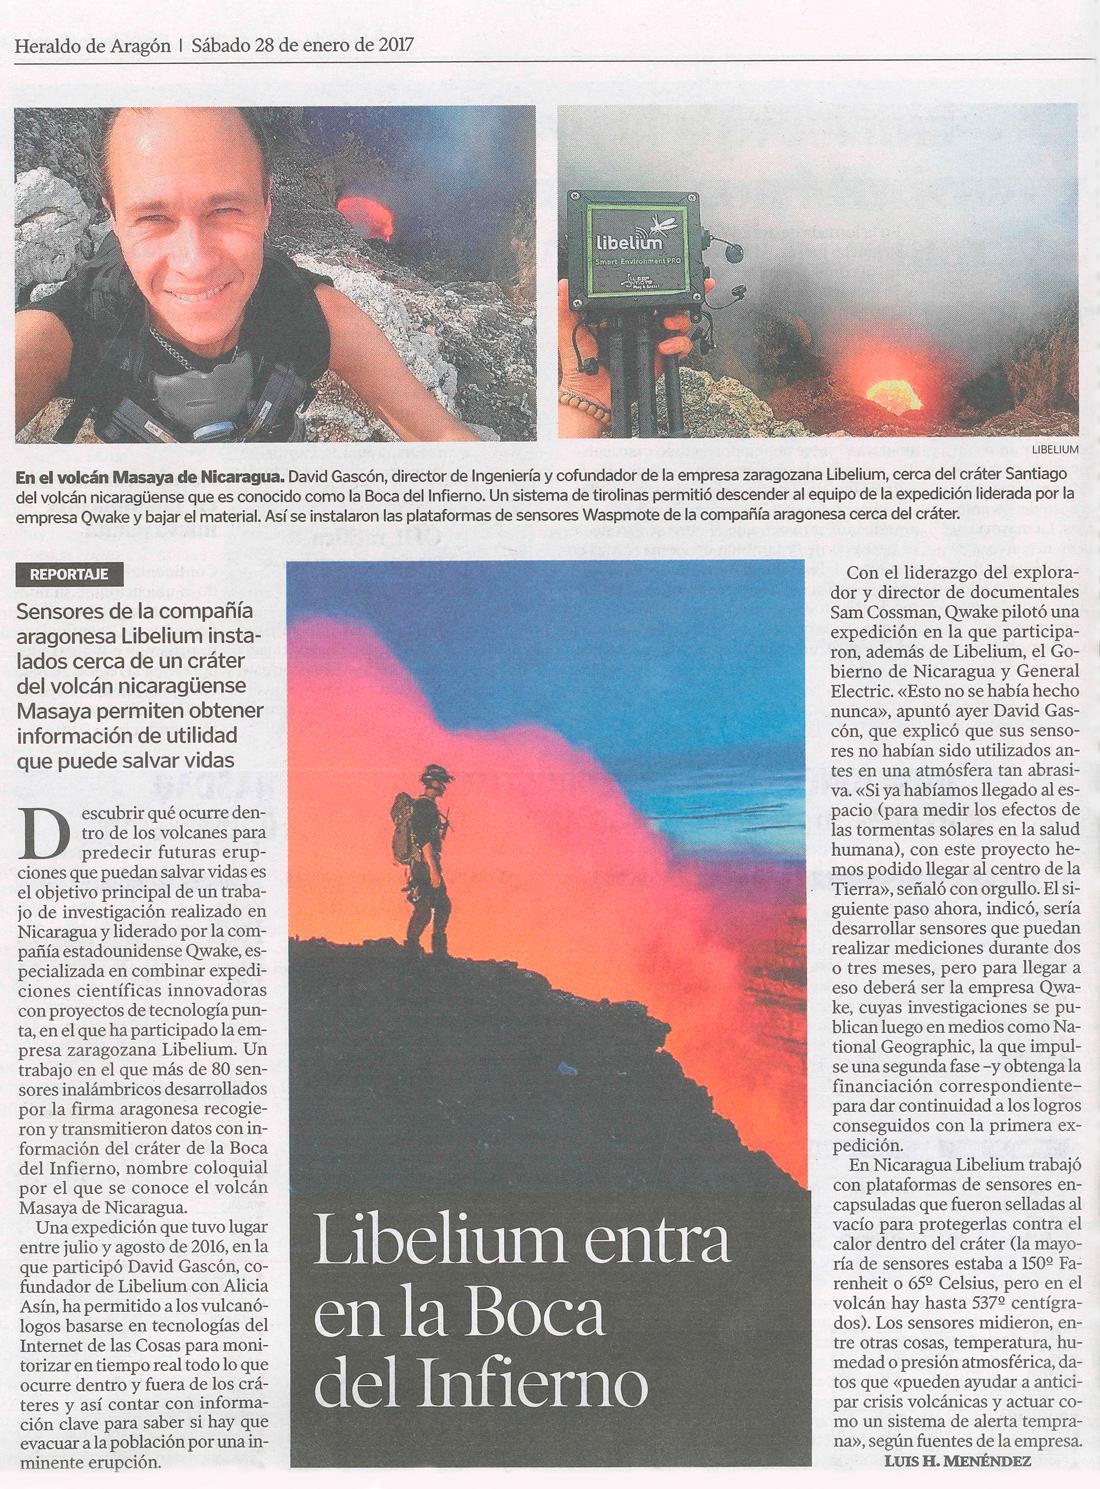 Heraldo de Aragón – Libelium entra en la Boca del Infierno